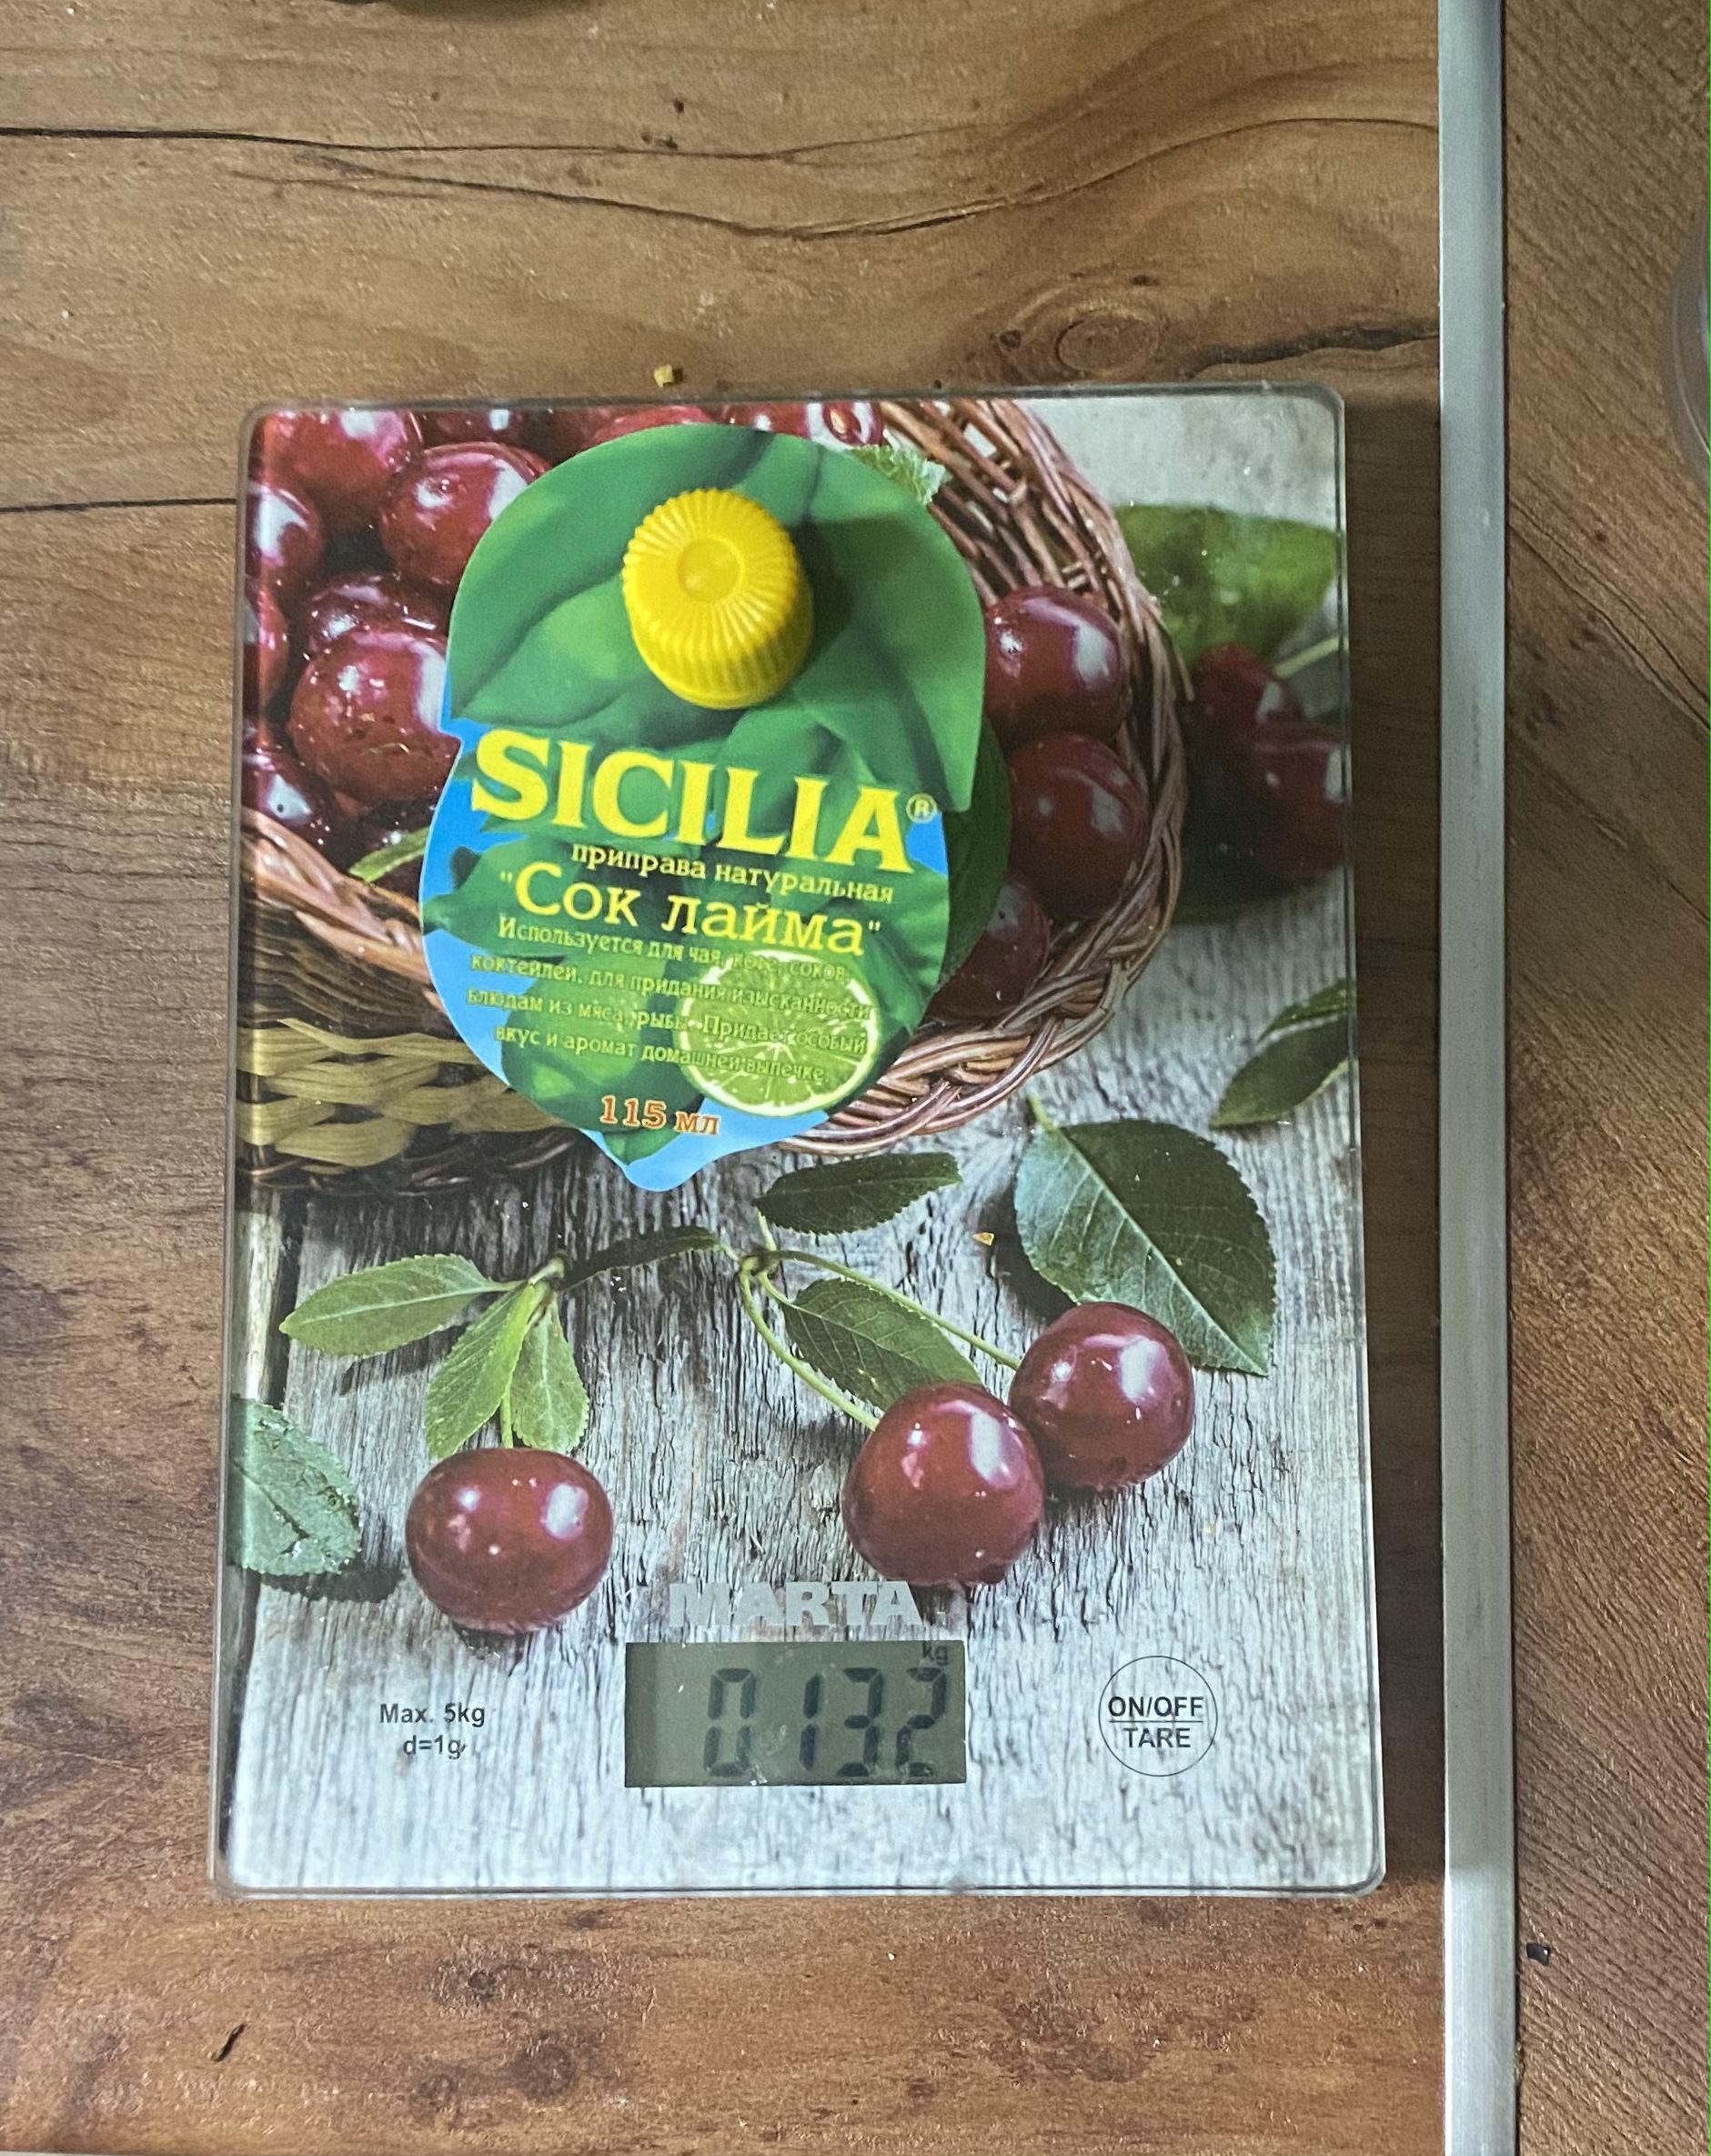 вес сок лайма sicilia